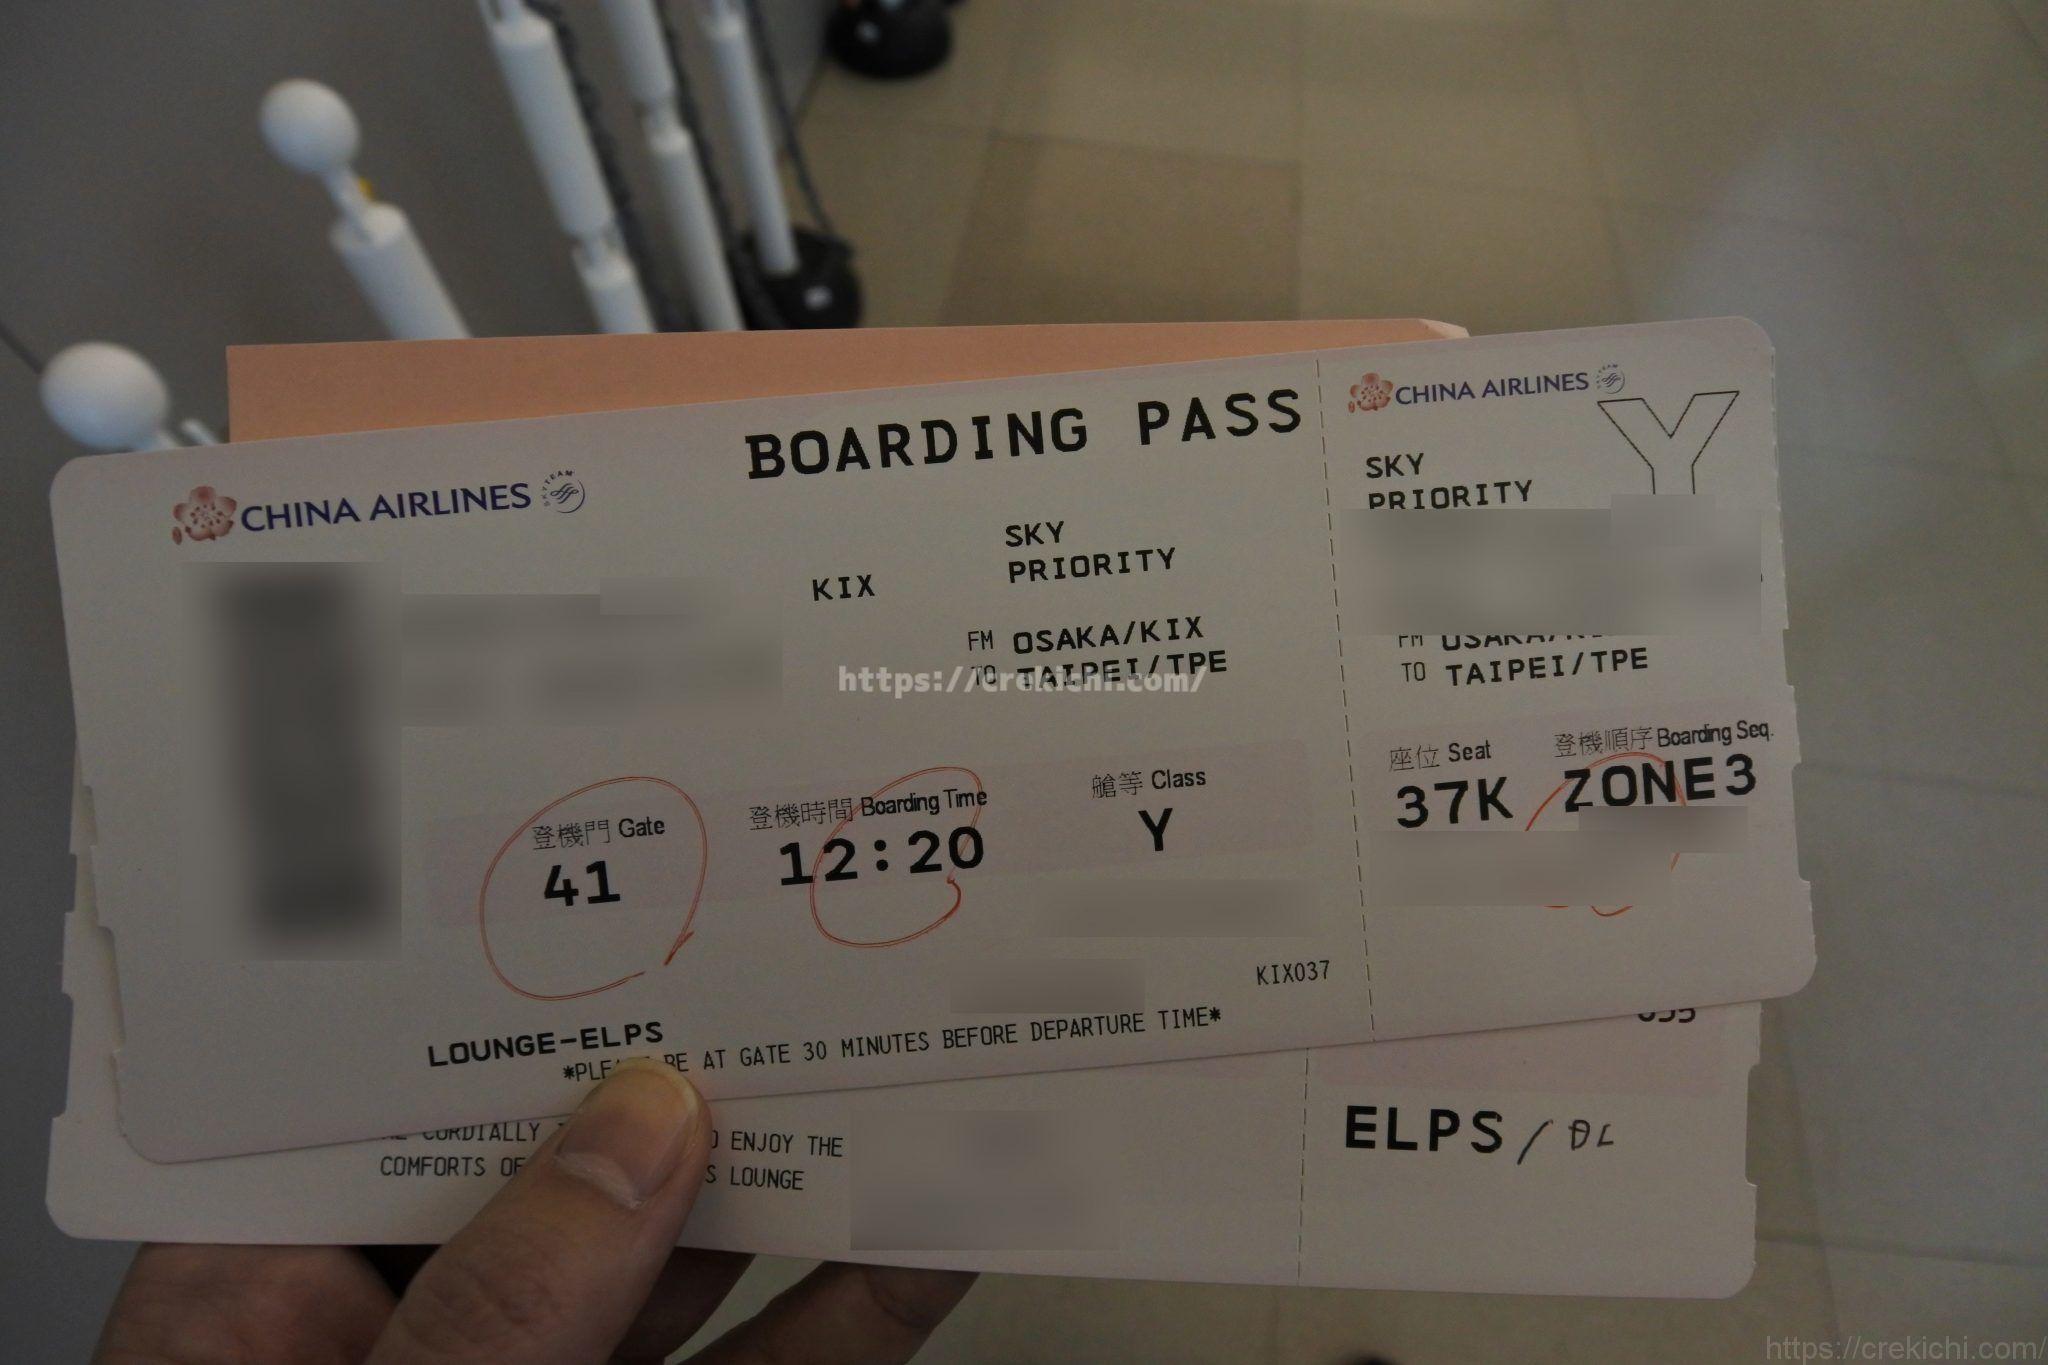 エコノミー搭乗券